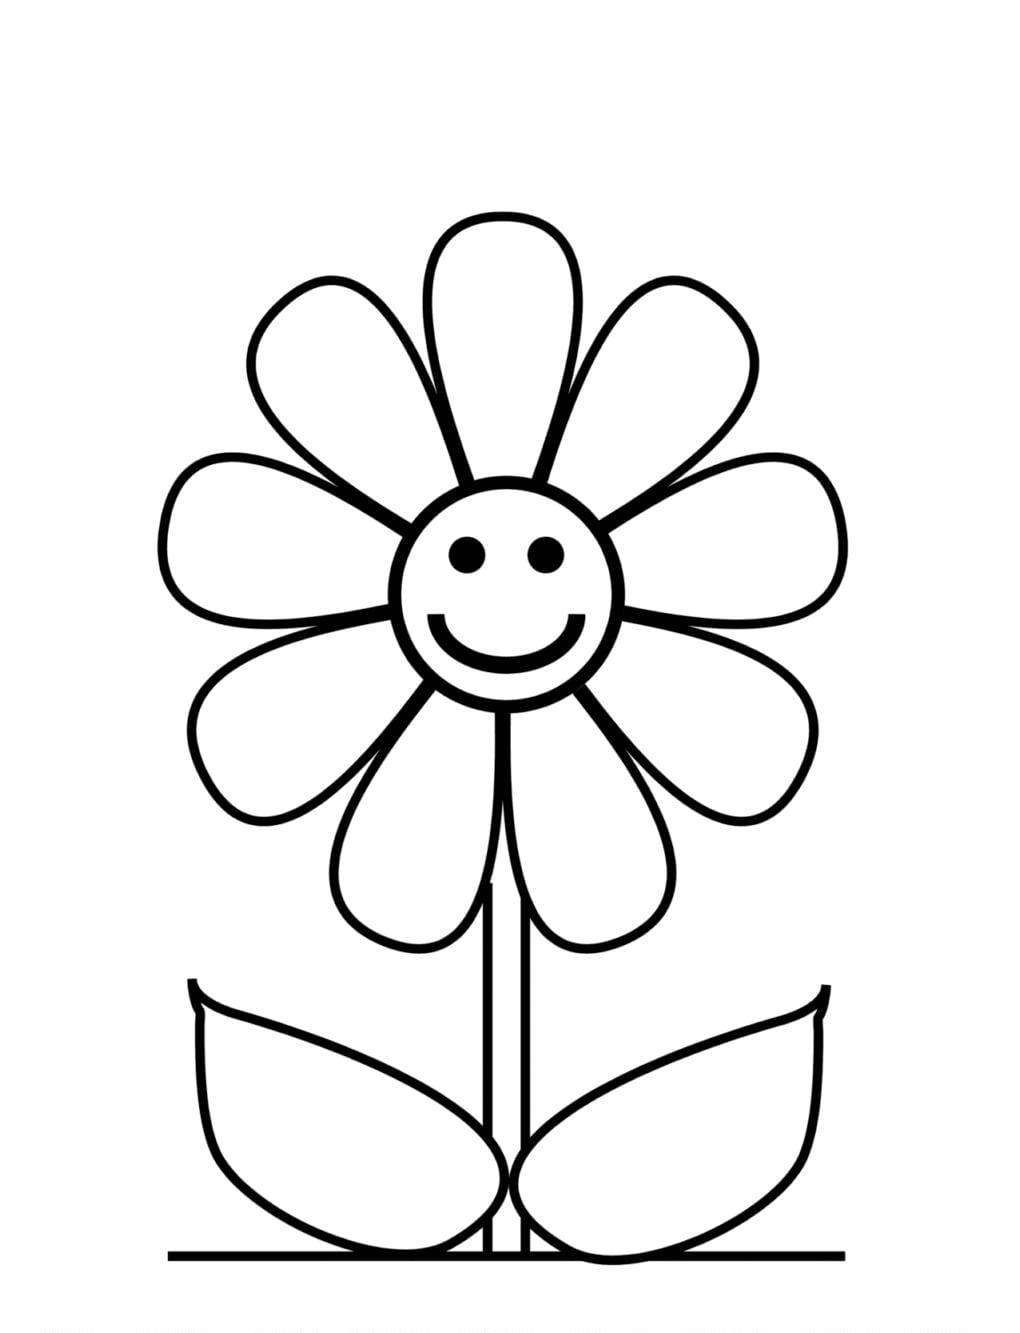 Imagens De Flores Para Colorir E Fotos De Flores Para Colorir